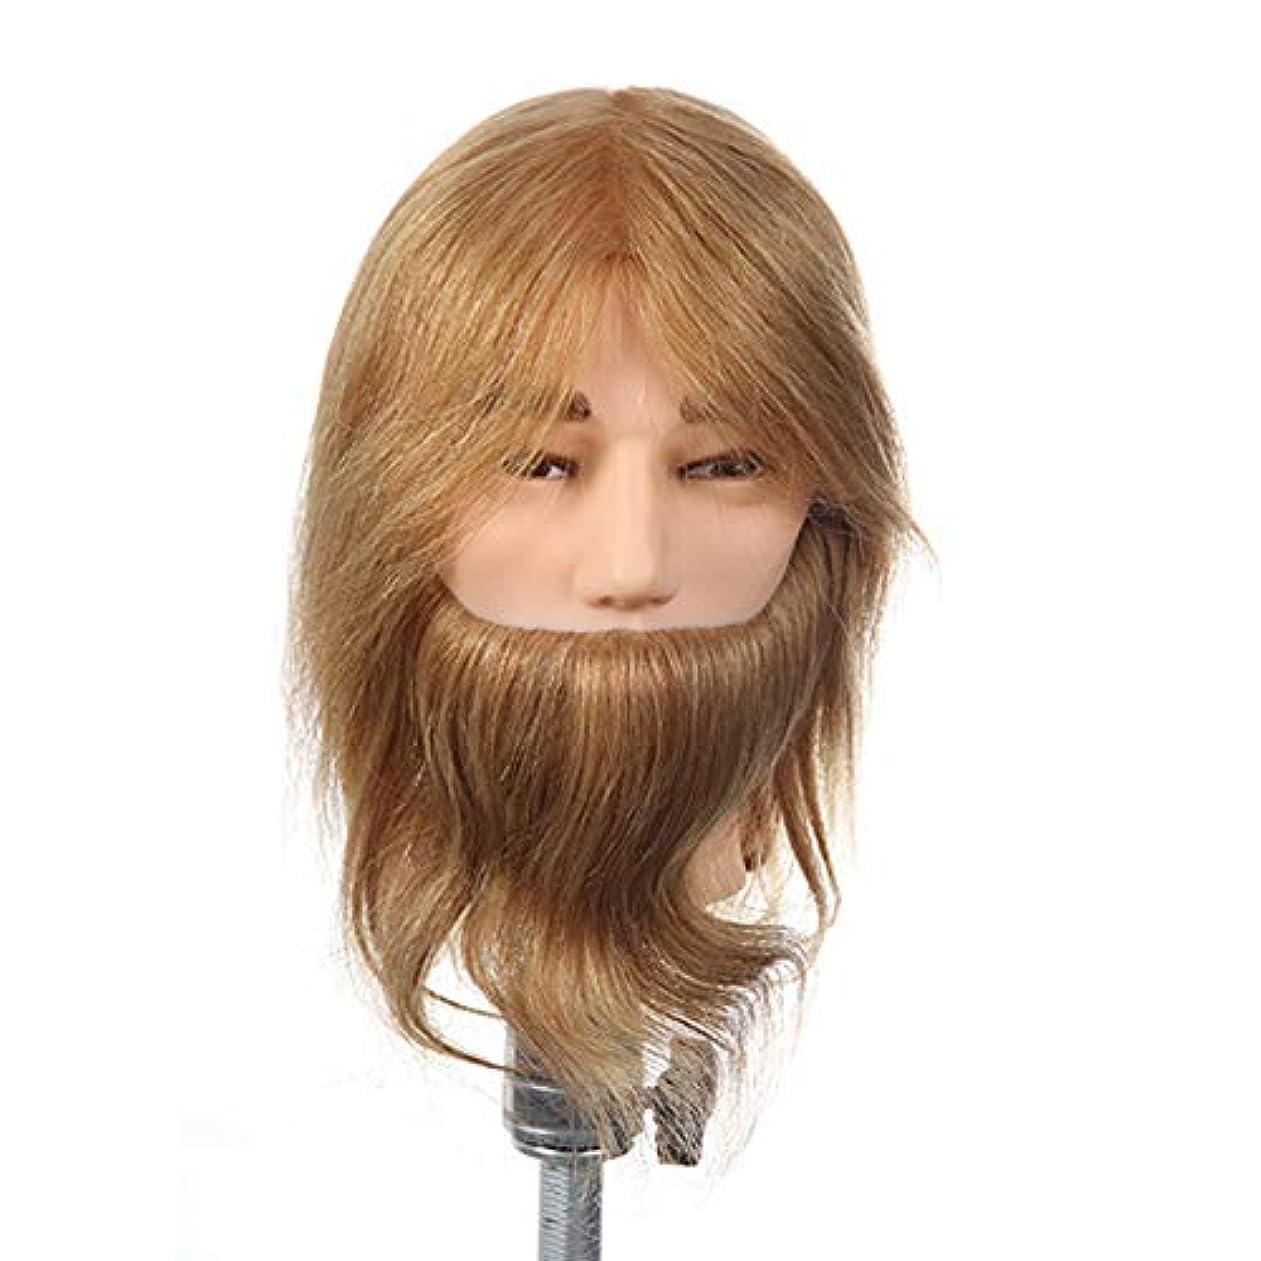 一流等マニフェスト本物のヘア男性化粧ダミーヘッドヘアサロン学習パーマ染めトリミング髪あごひげマネキンヘッド付き口ひげ指導ヘッド